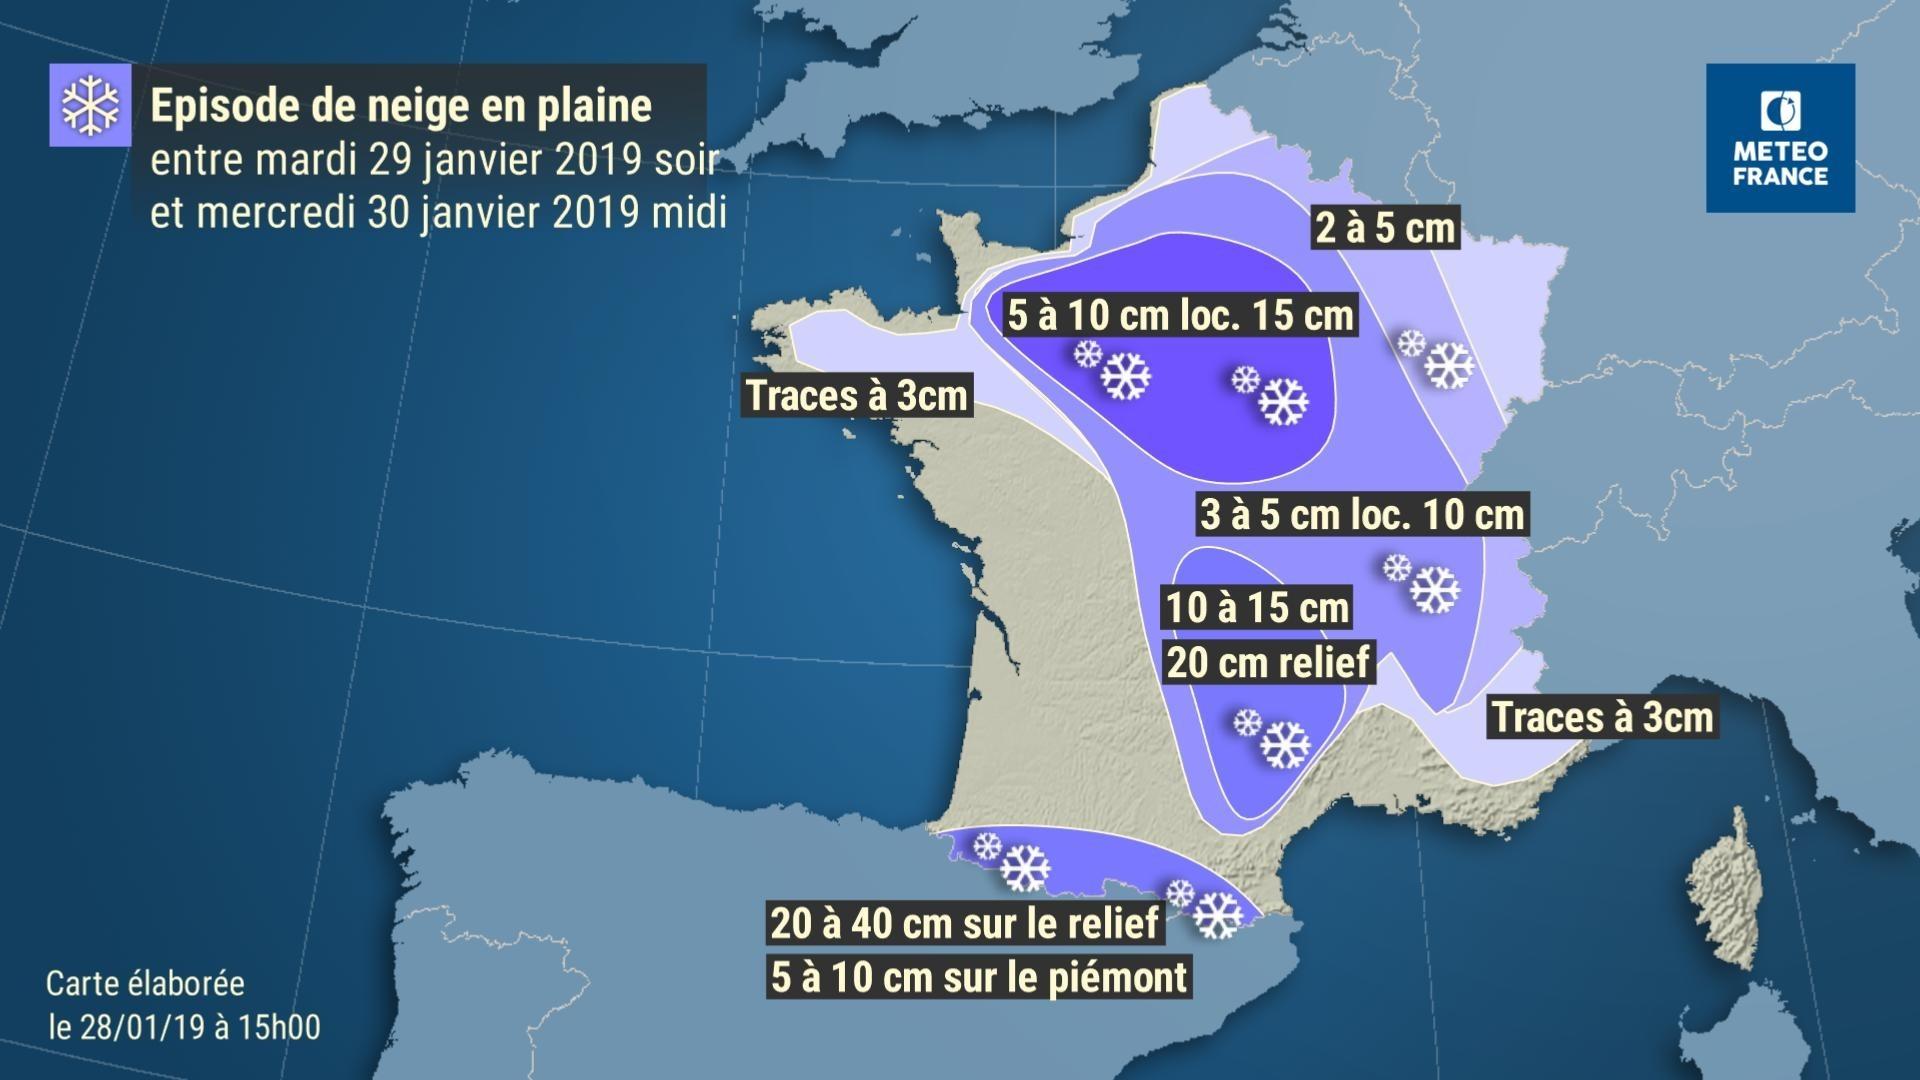 Episode de neige prévu suite à la tempête Gabriel / C.Meteo France